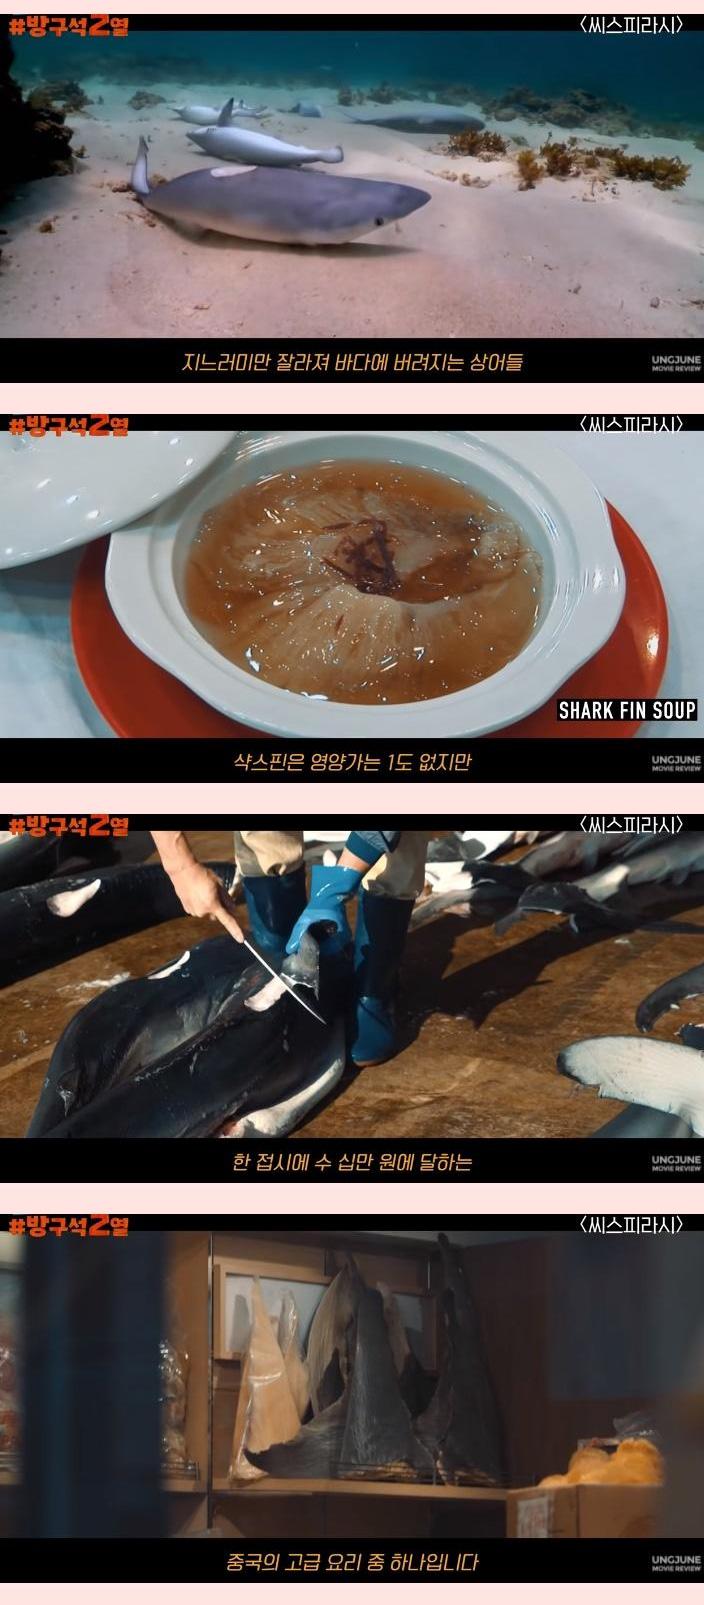 일본 돌고래 학살의 배후 기업 - 꾸르